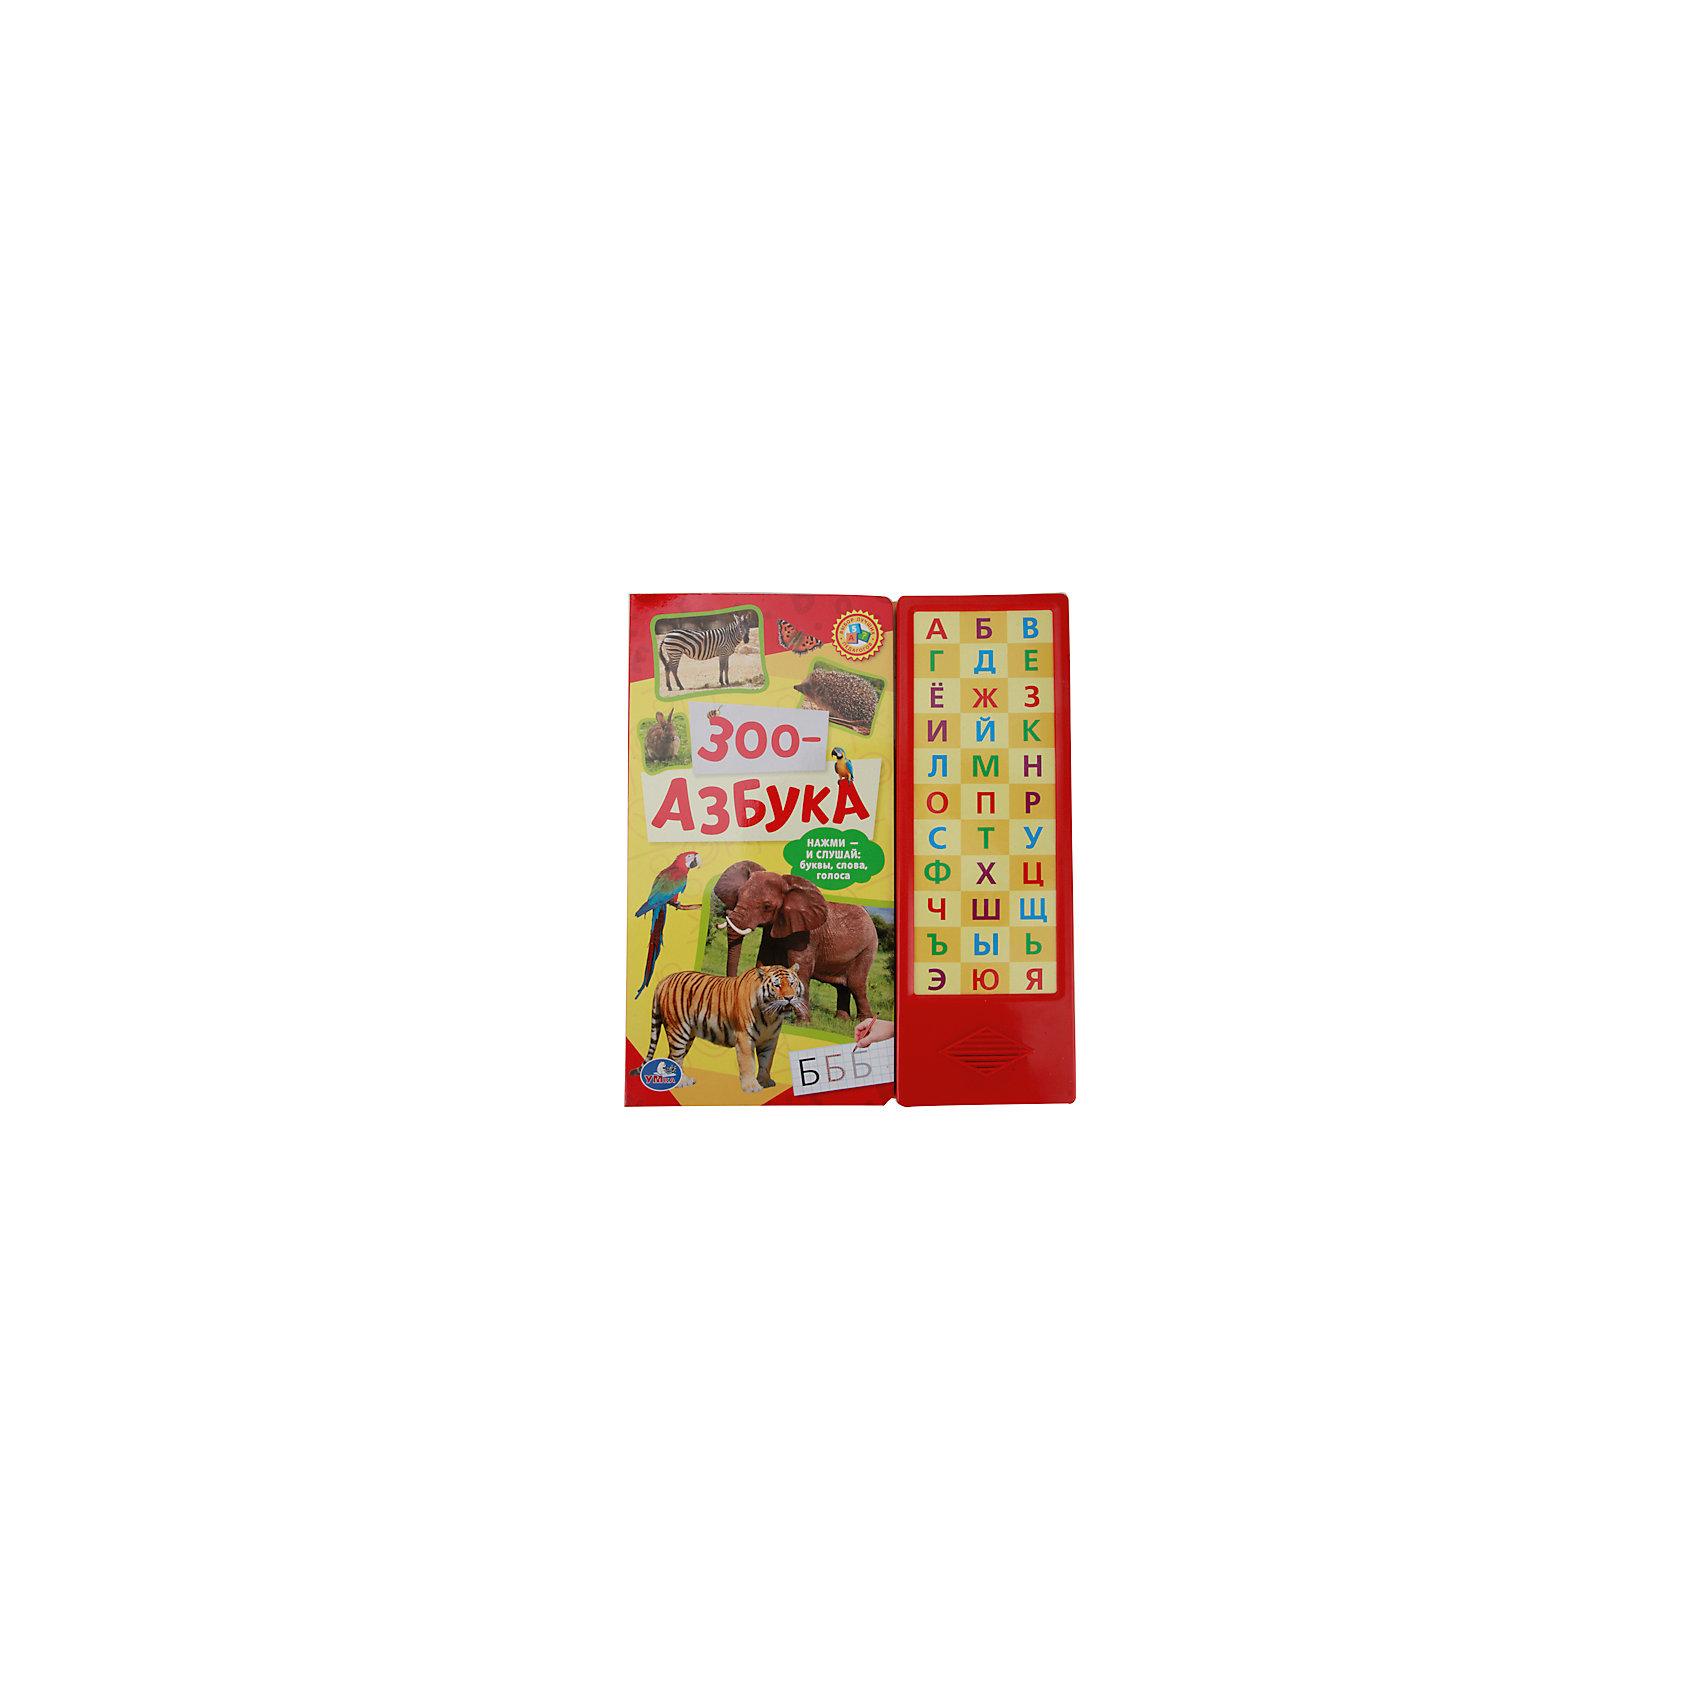 Умка Книга с 33 кнопками Зоо - азбука умка книга с 33 кнопками азбука для девочек принцессы дисней